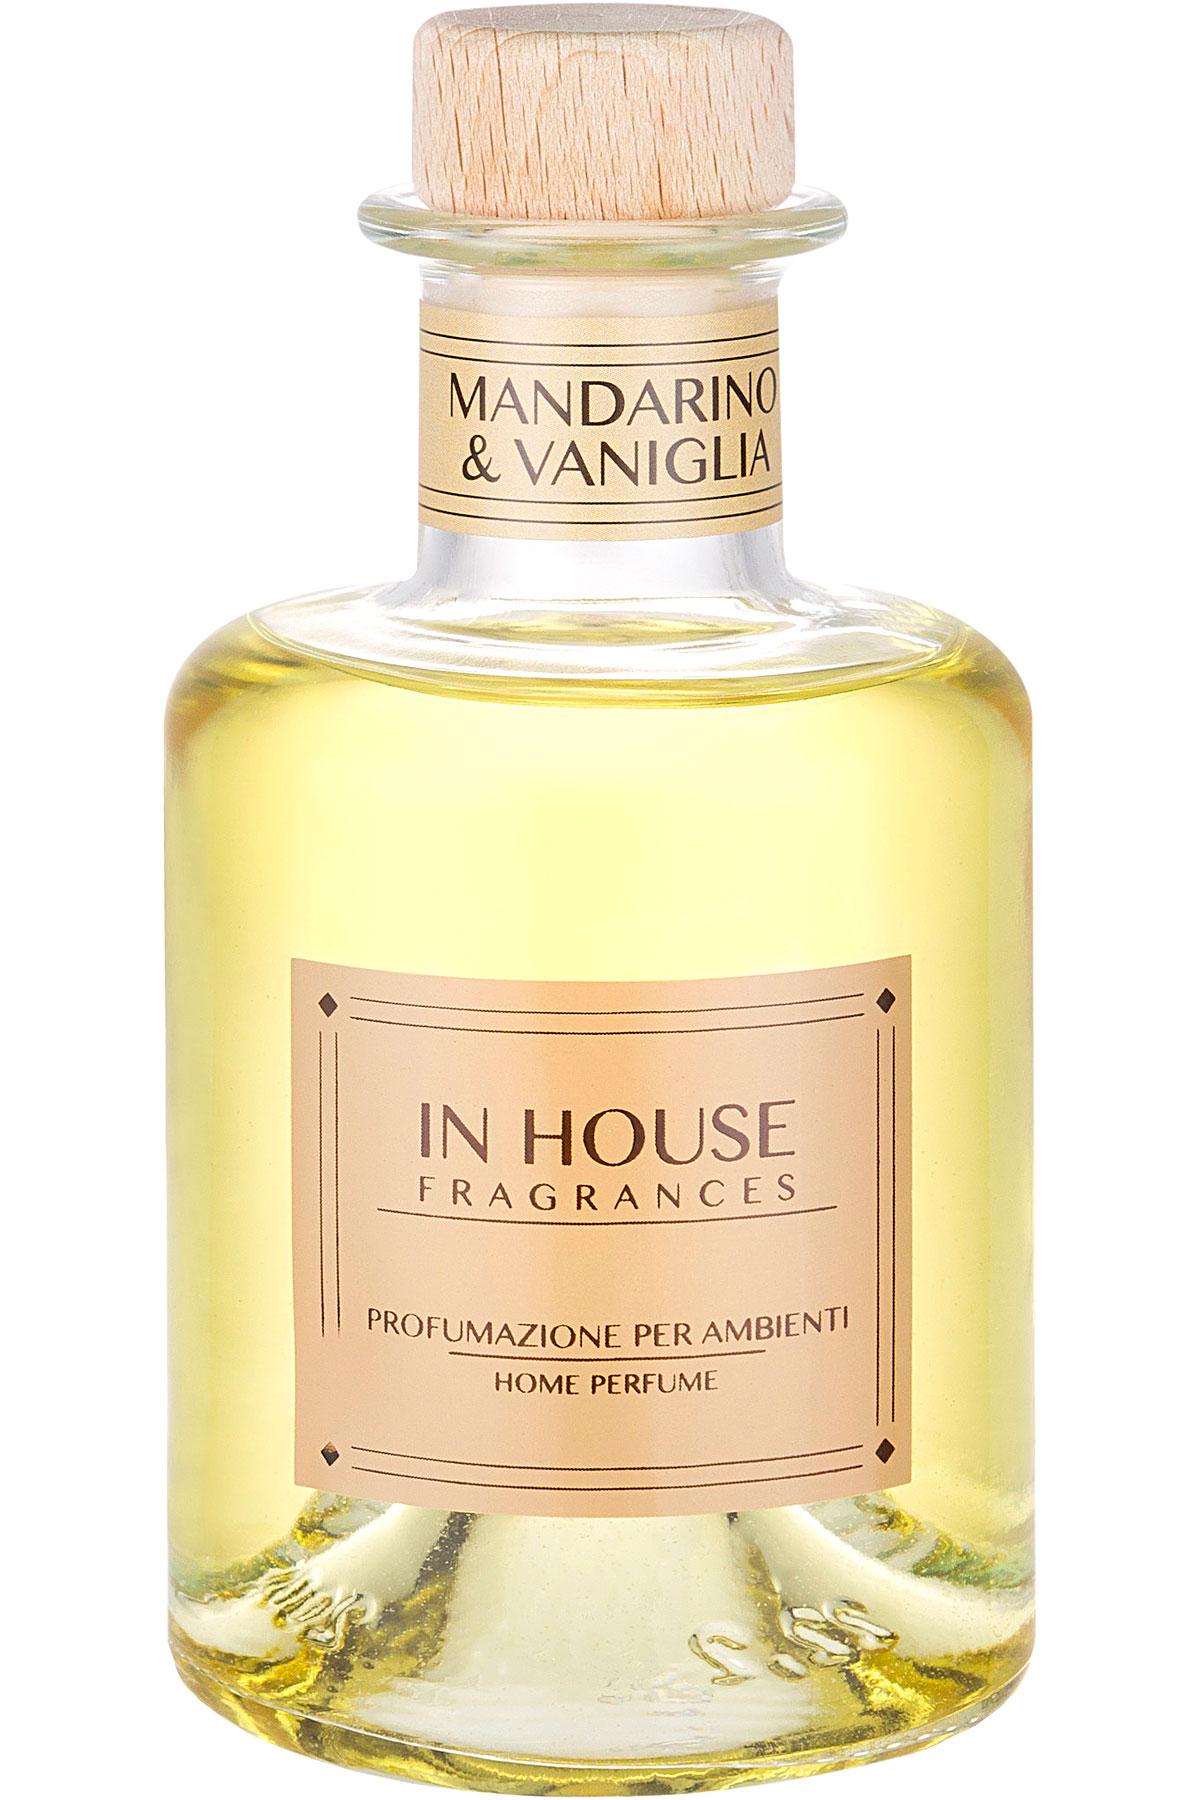 In House Fragrances Home Scents for Men, Mandarino & Vaniglia - Home Diffuser - 200 Ml, 2019, 200 ml